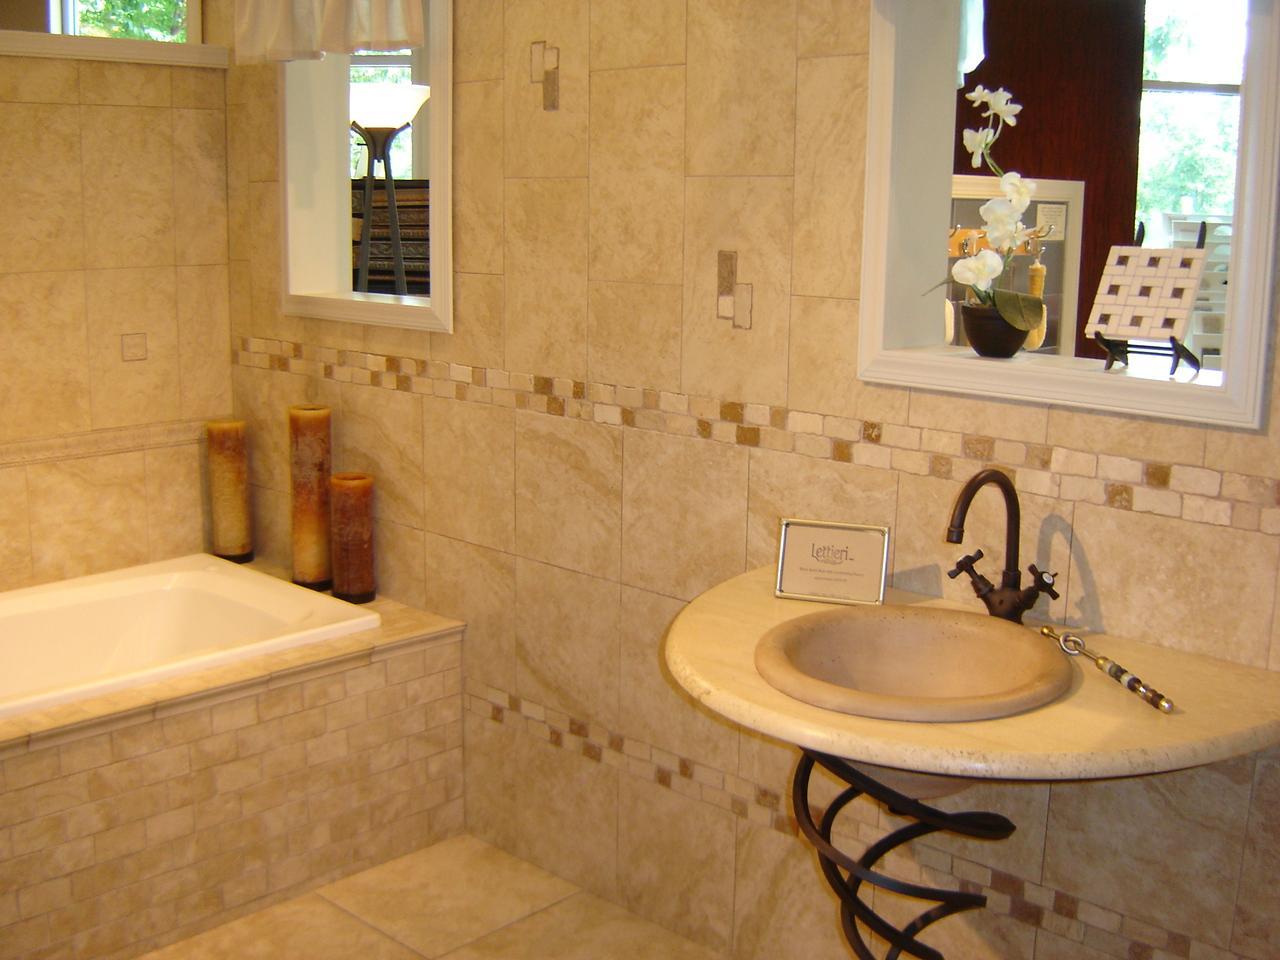 bathroom tiles designs photos photo - 7